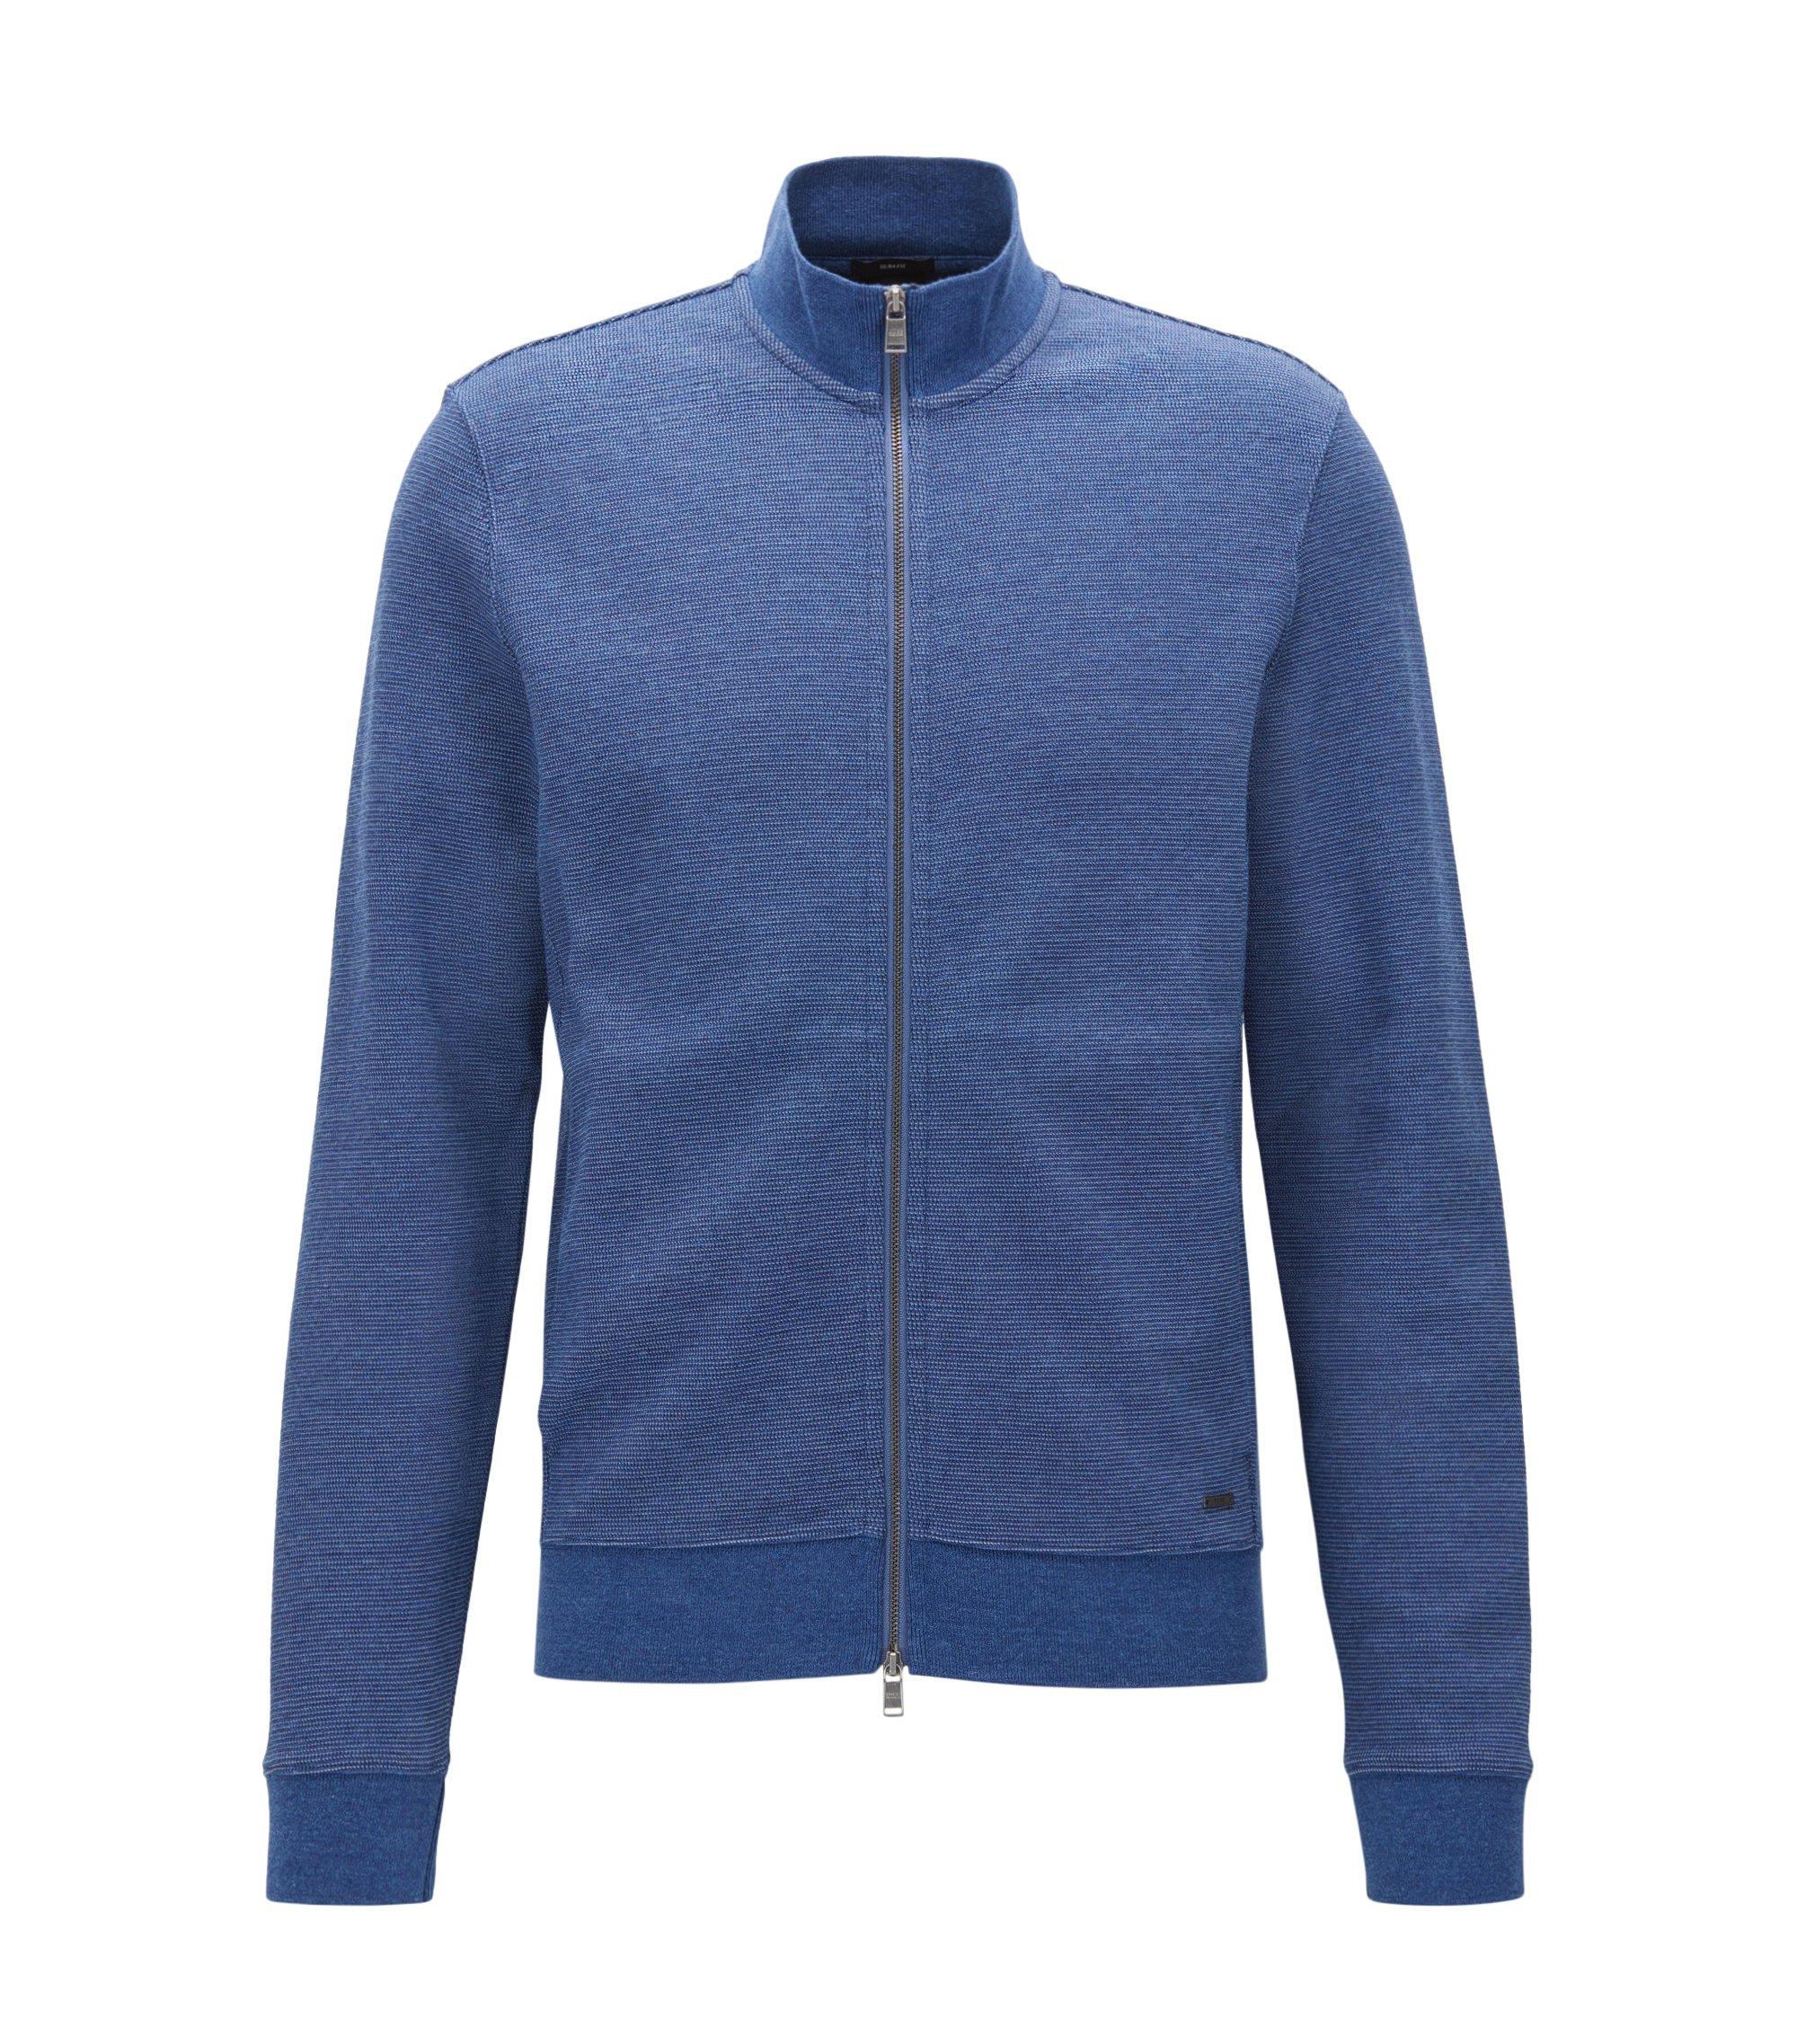 Veste Slim Fit en coton mélangé bicolore, Bleu